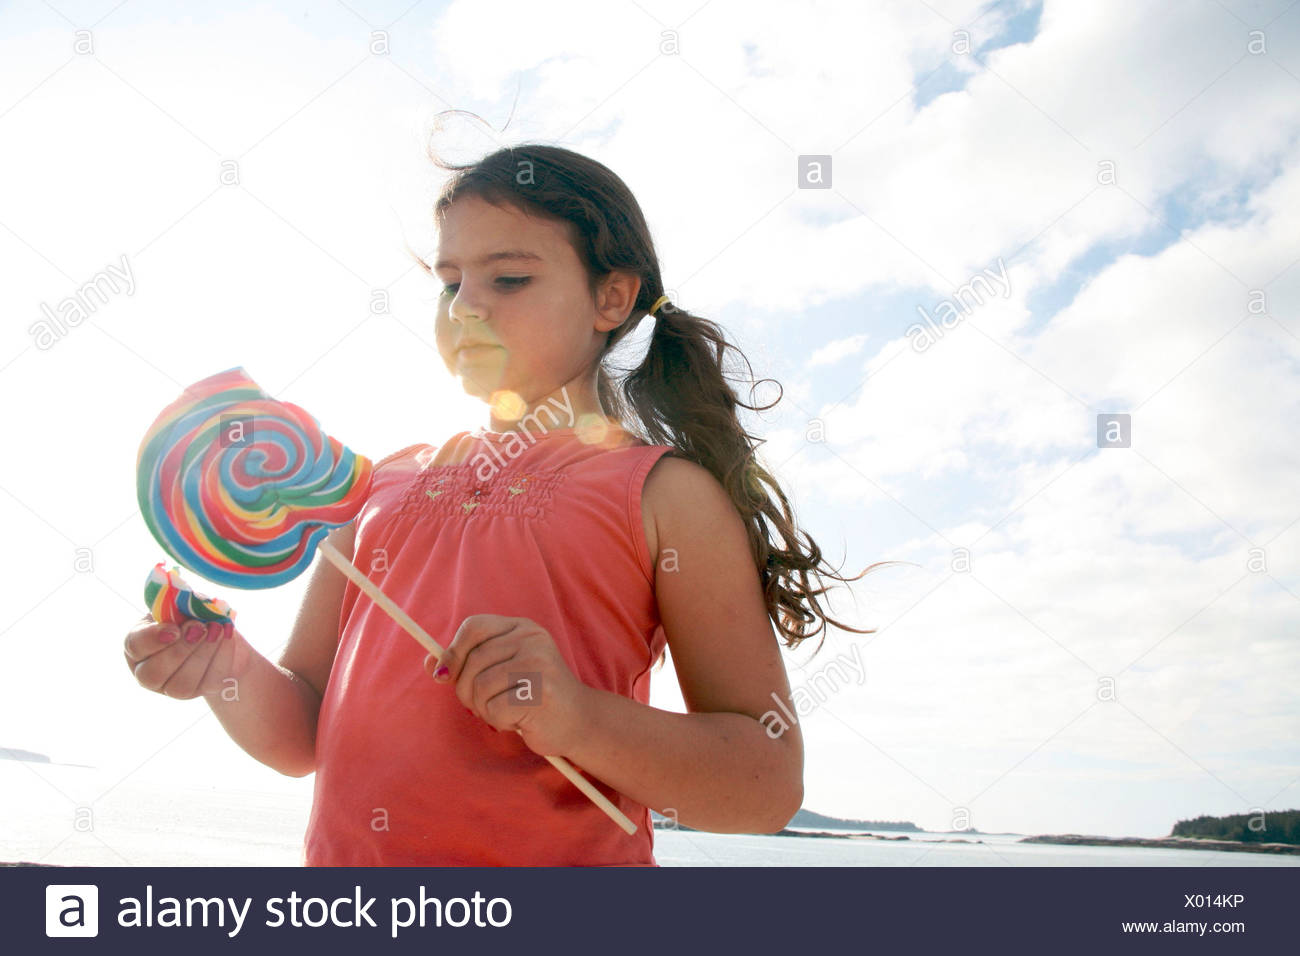 Petite fille avec d'énormes lolly pop Photo Stock